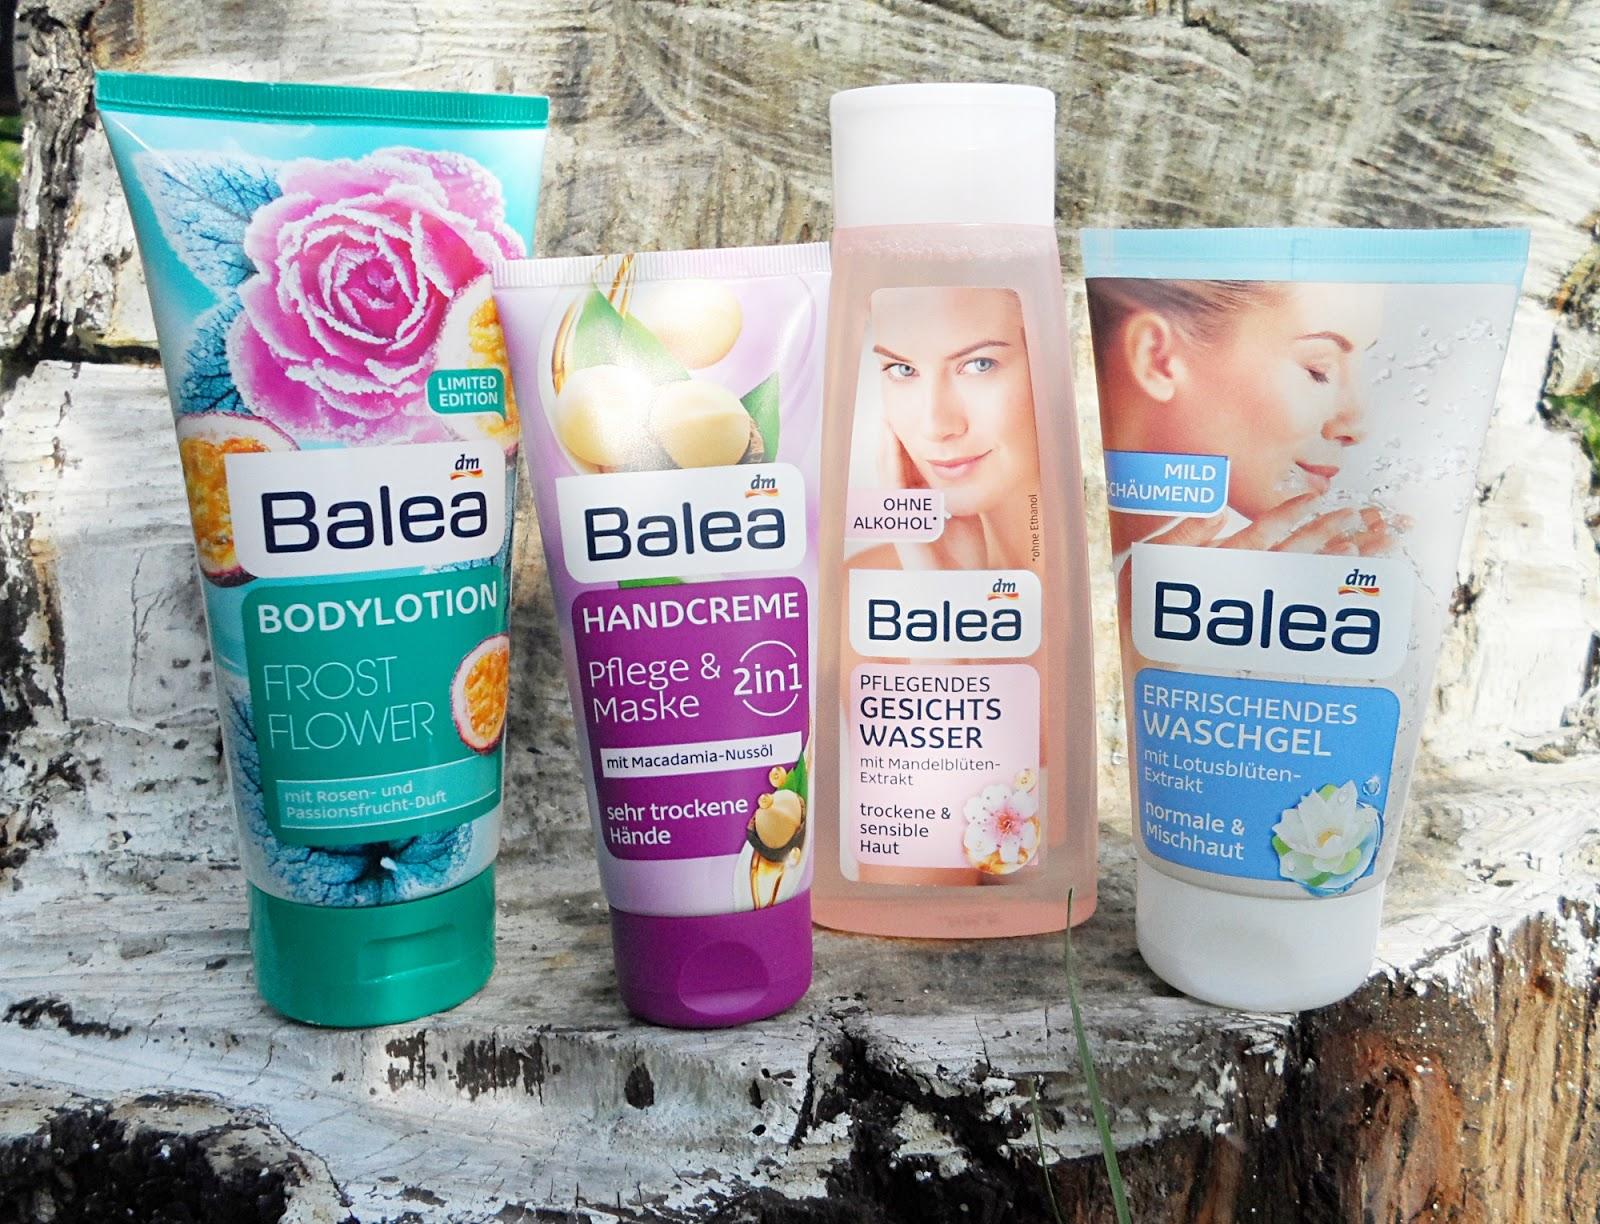 dm balea shampoo